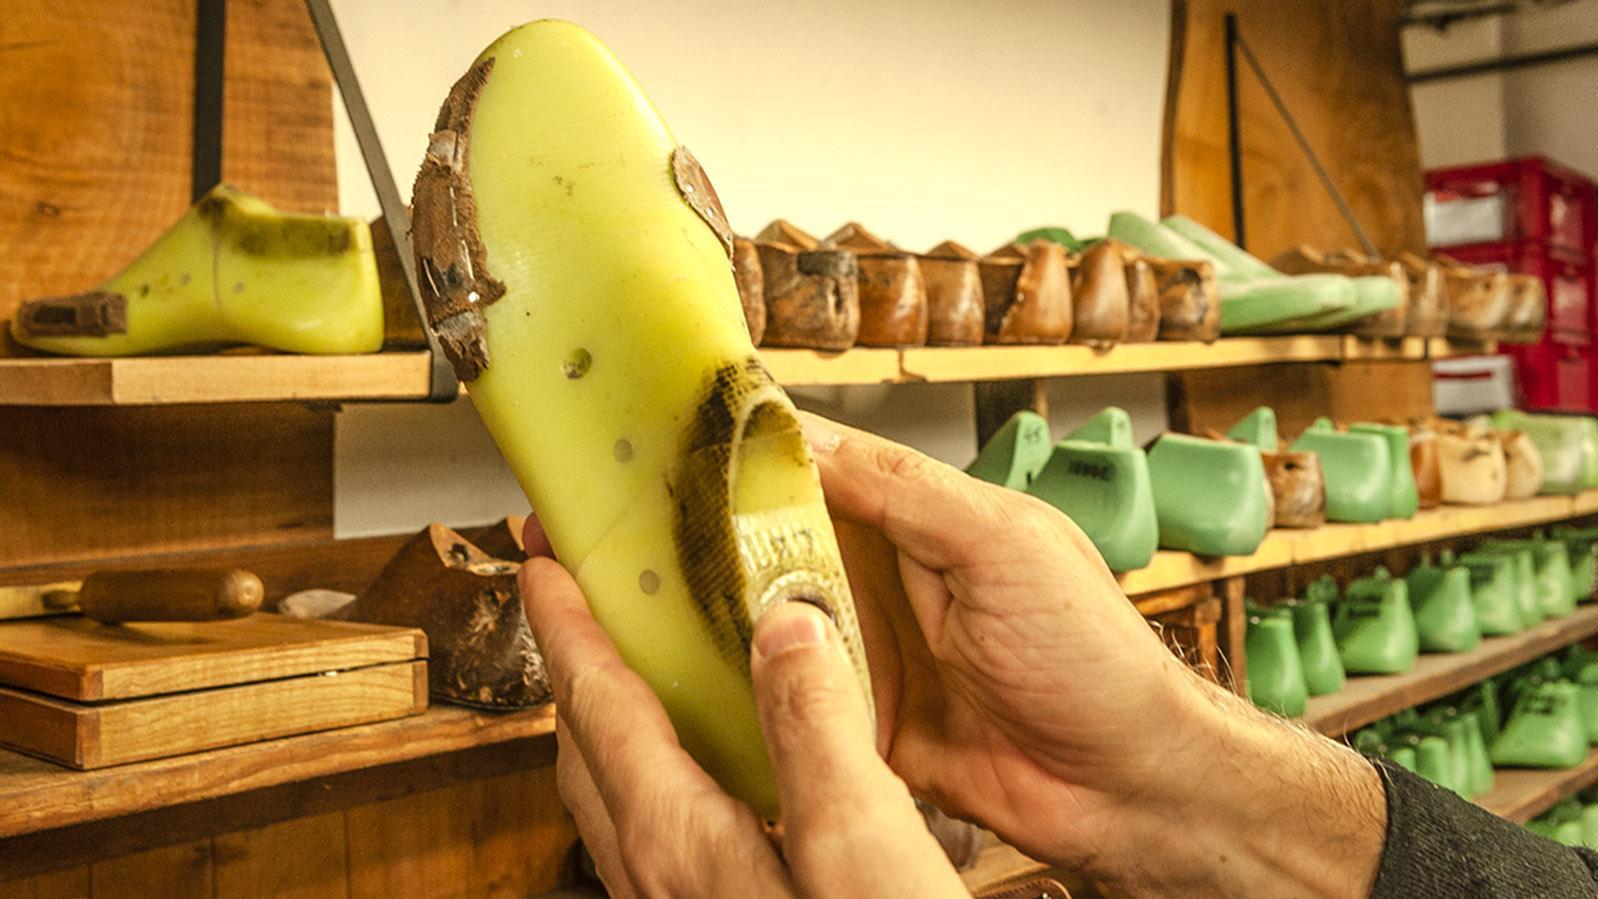 Le Soulor: Der Leisten wird nach Kundenwünschen modifiziert. Foto: Hilke Maunder